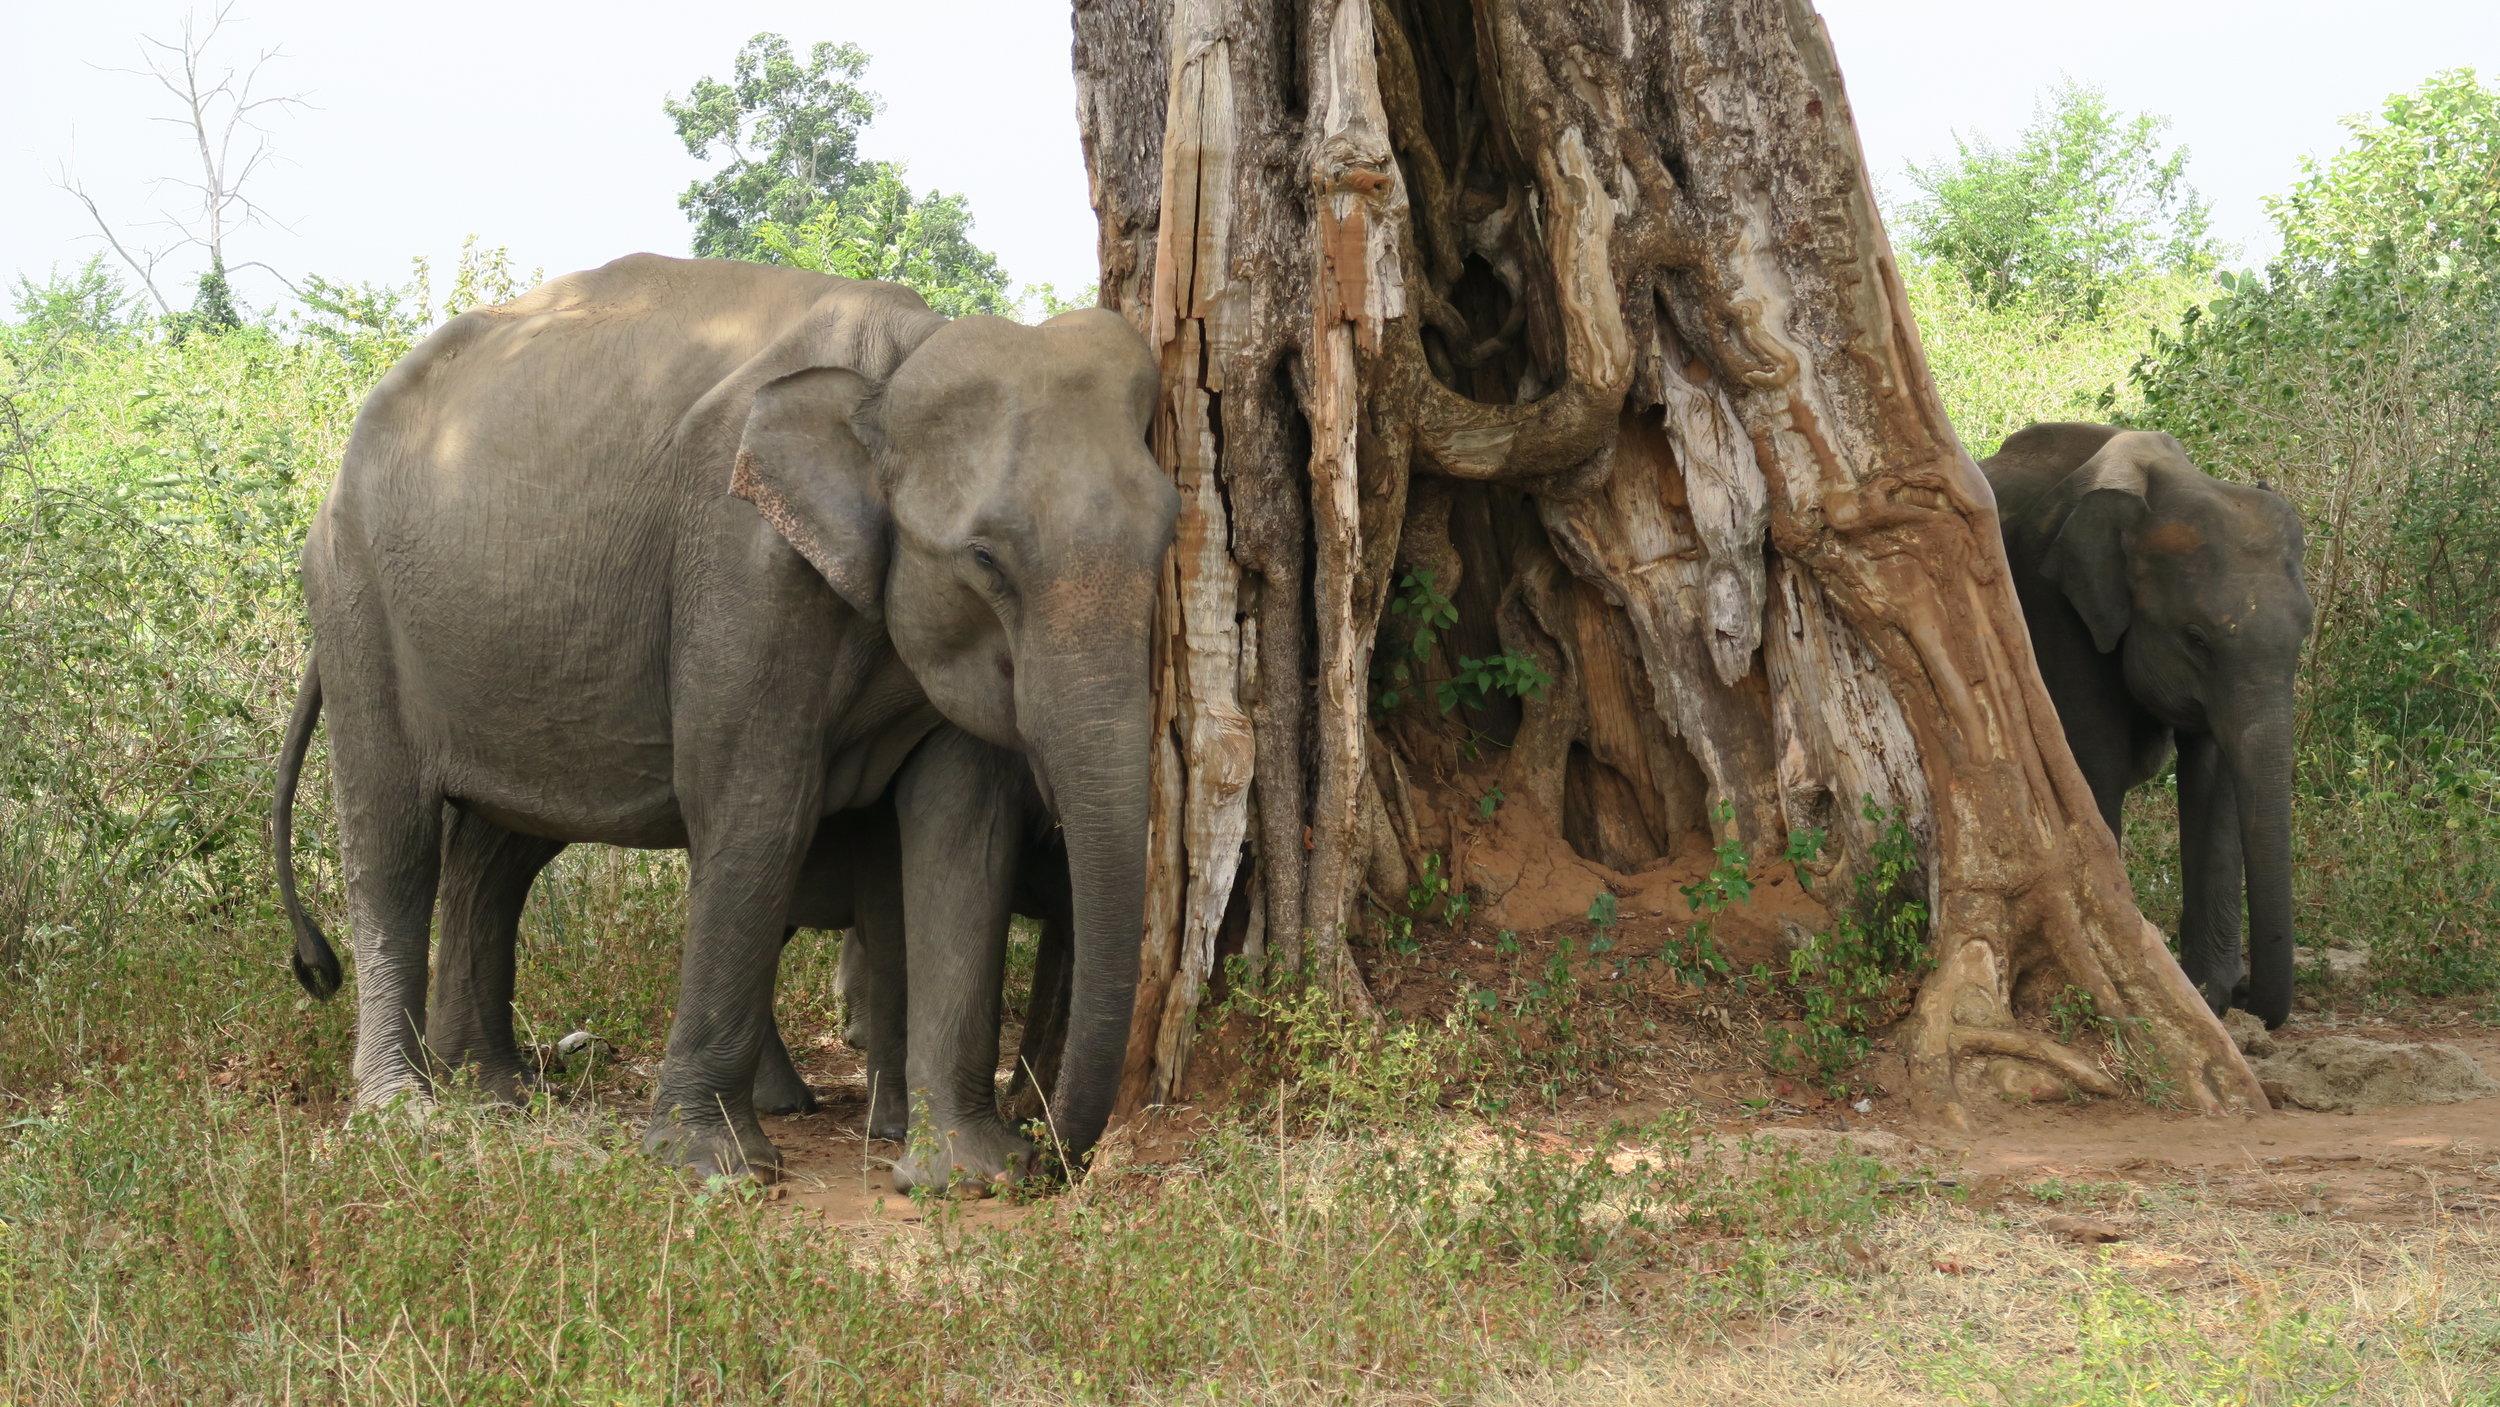 حديقة أودوالاو الوطنية لرؤية الفيلة في سريلانكا